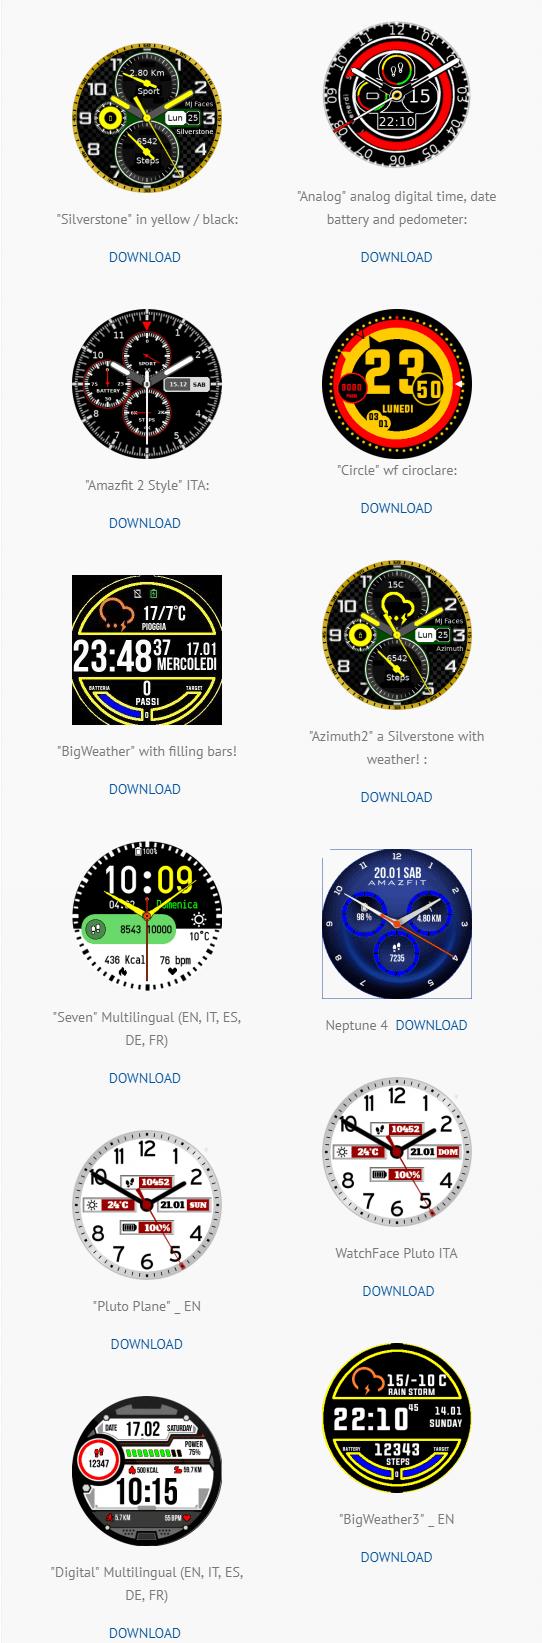 Marco F\'s APK (Java) Watchfaces - Amazfit Central